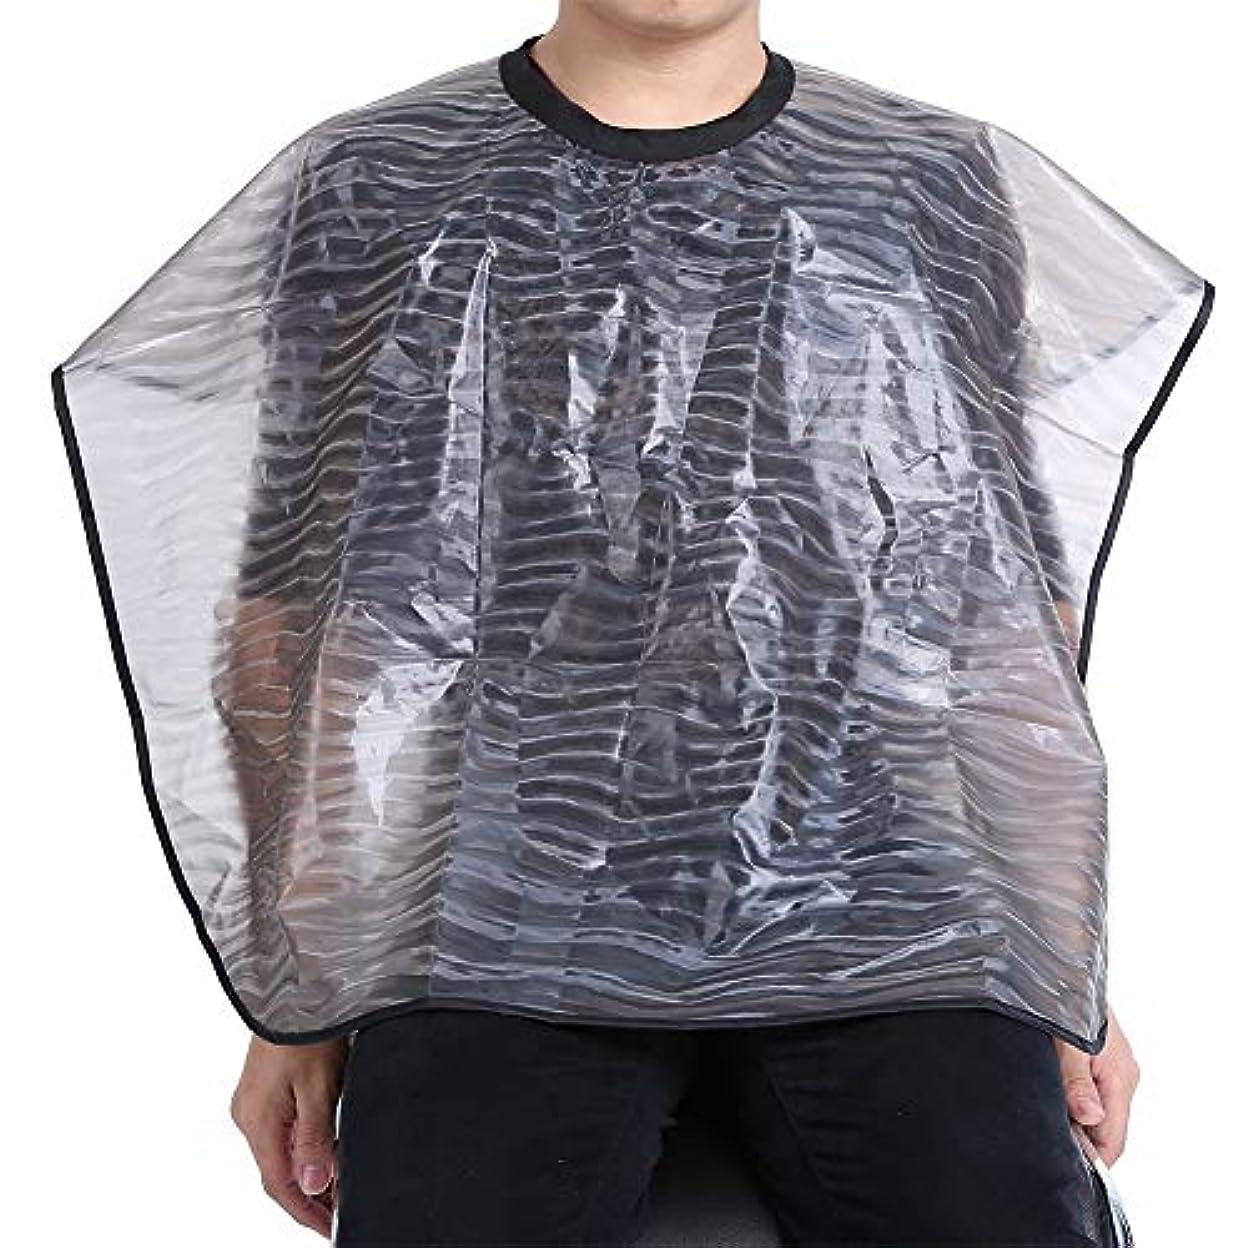 天国参照雇用者Roteck 2サイズ防水再利用可能なサロン理髪布-耐久性のあるヘアスタイリストガウン理髪ケープ(01)